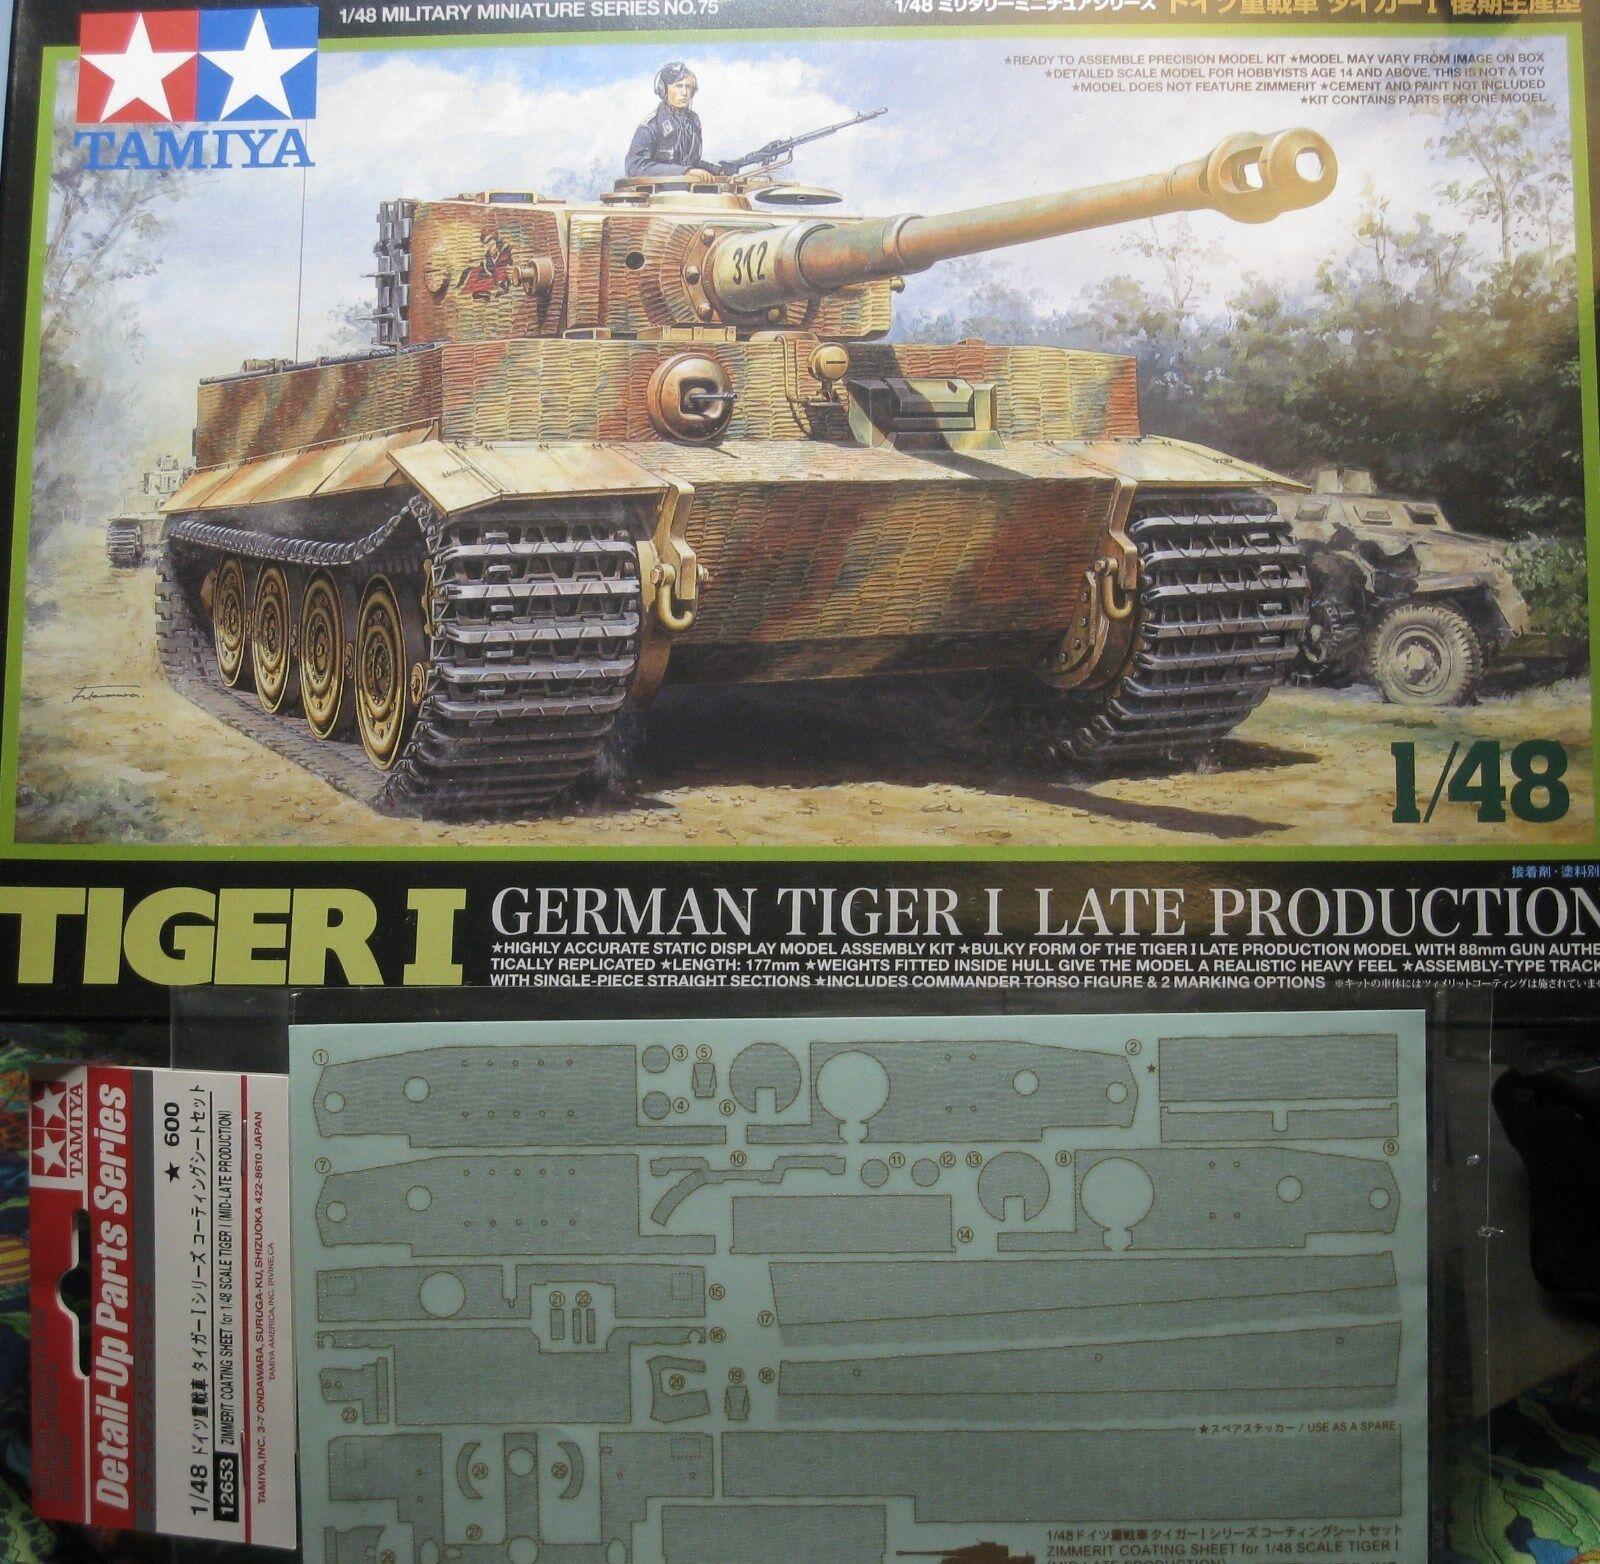 1  48 Tysk Tiger I Late Production Zimmerite beläggning Sheet, modelllllerler Kit av Tamiya